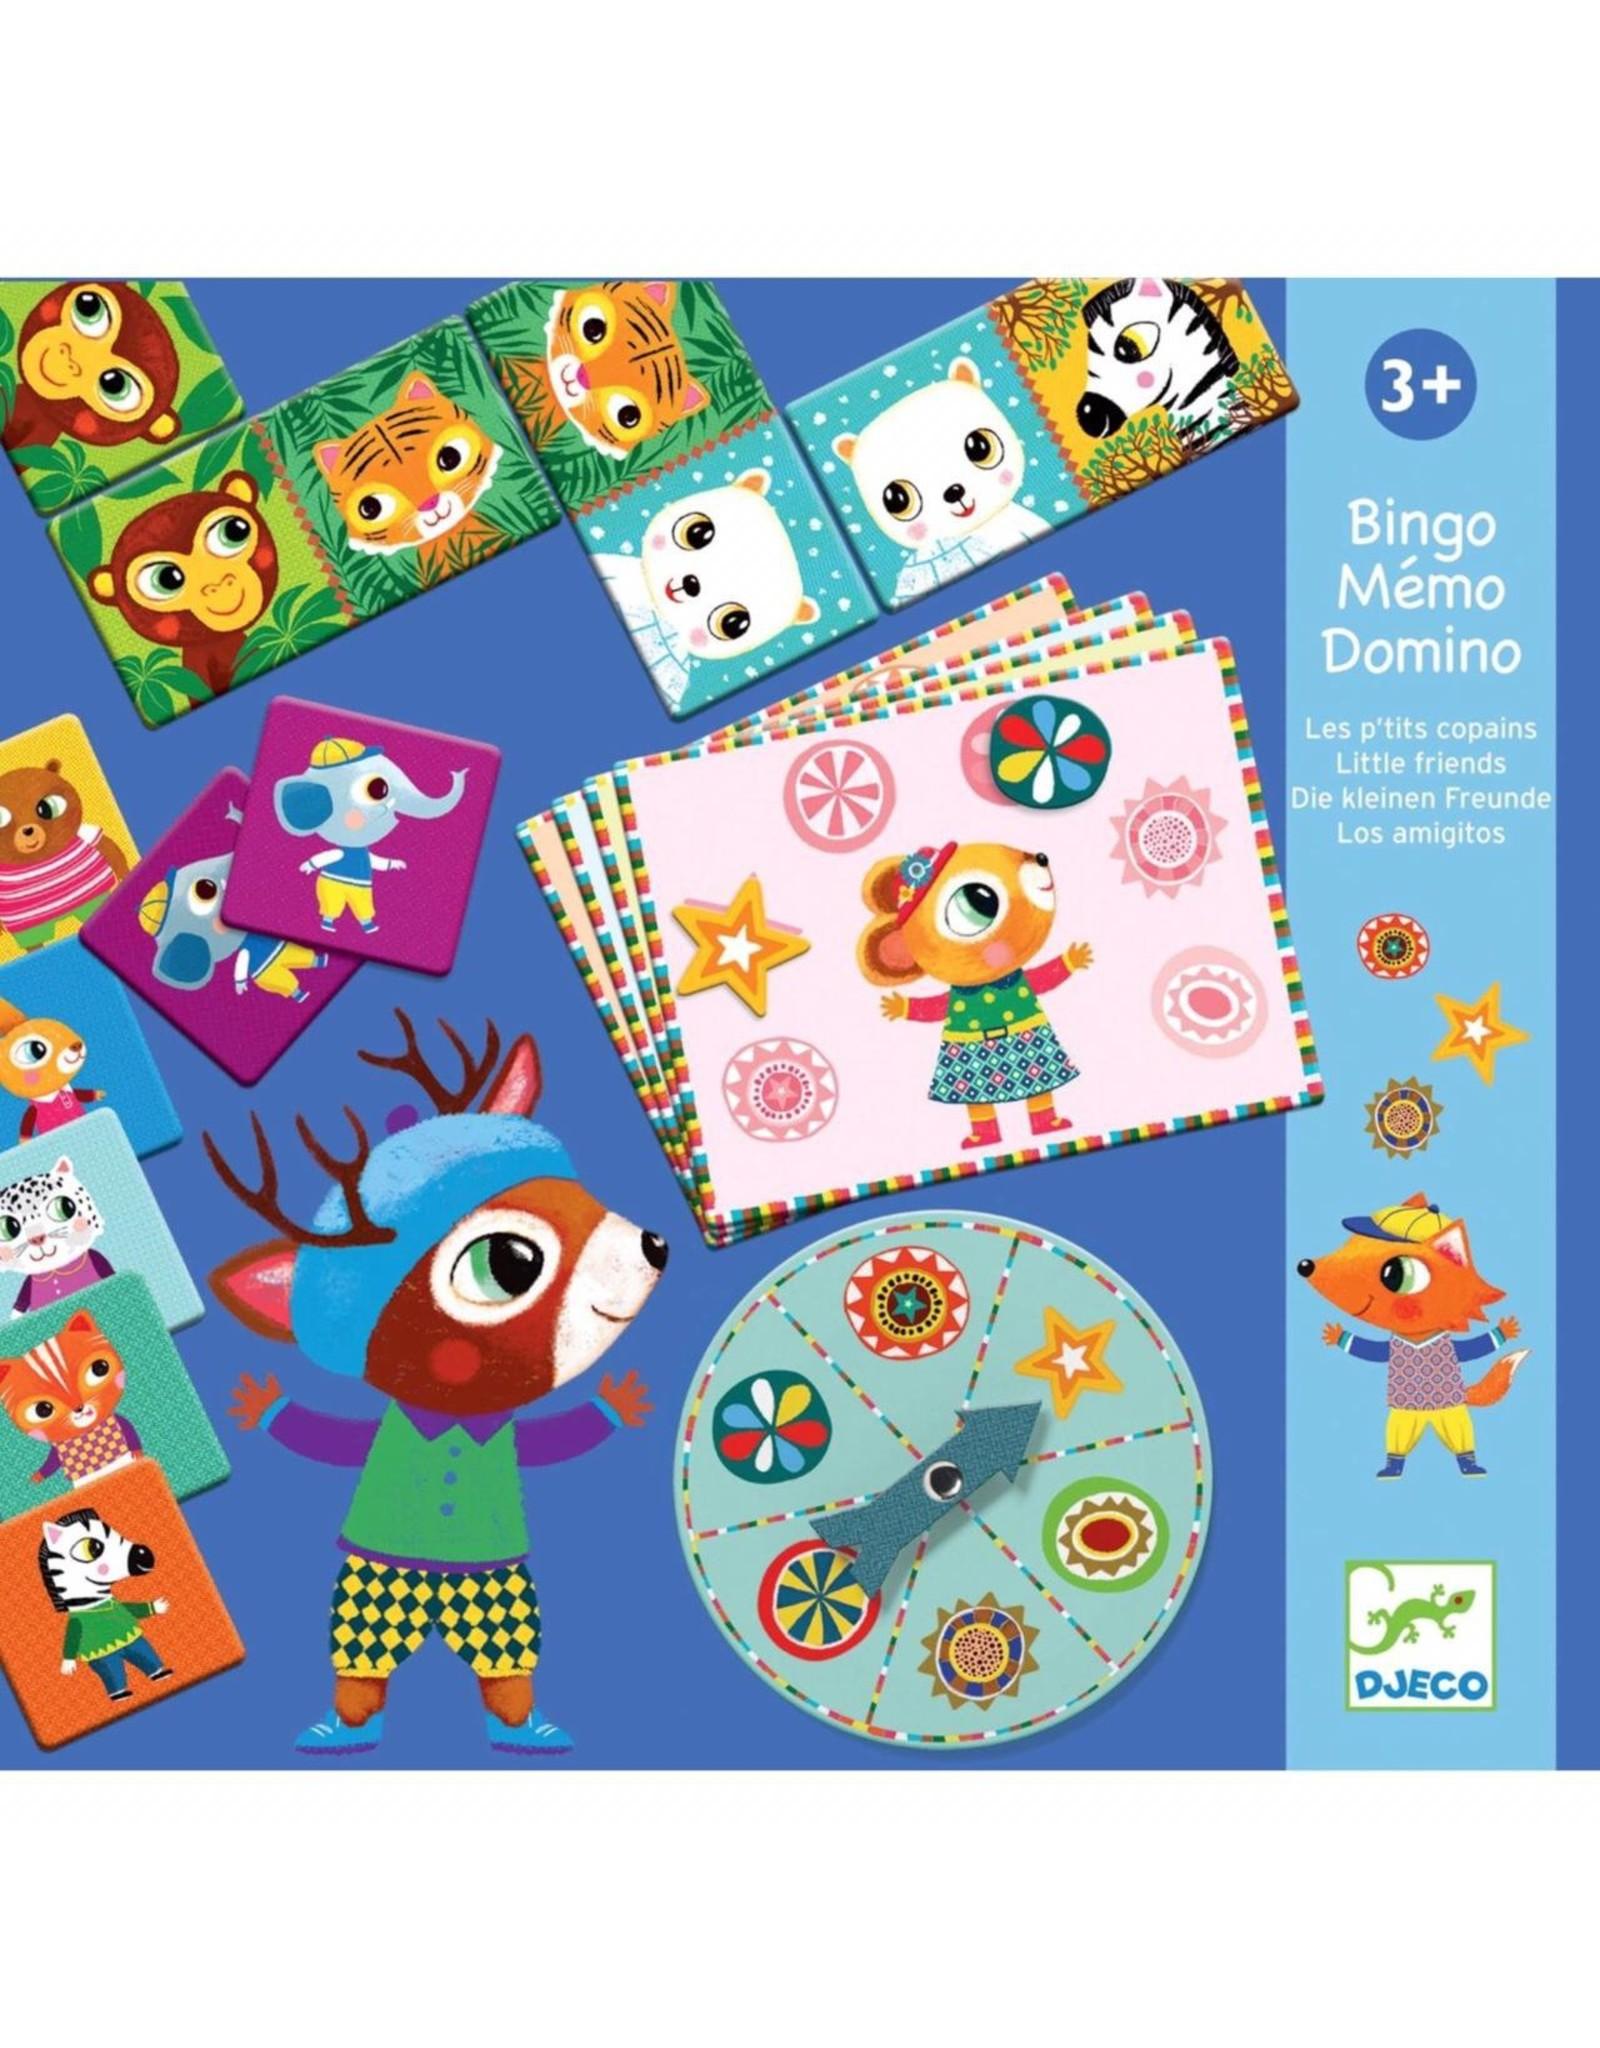 Djeco Memo Domino Bingo Little Friends